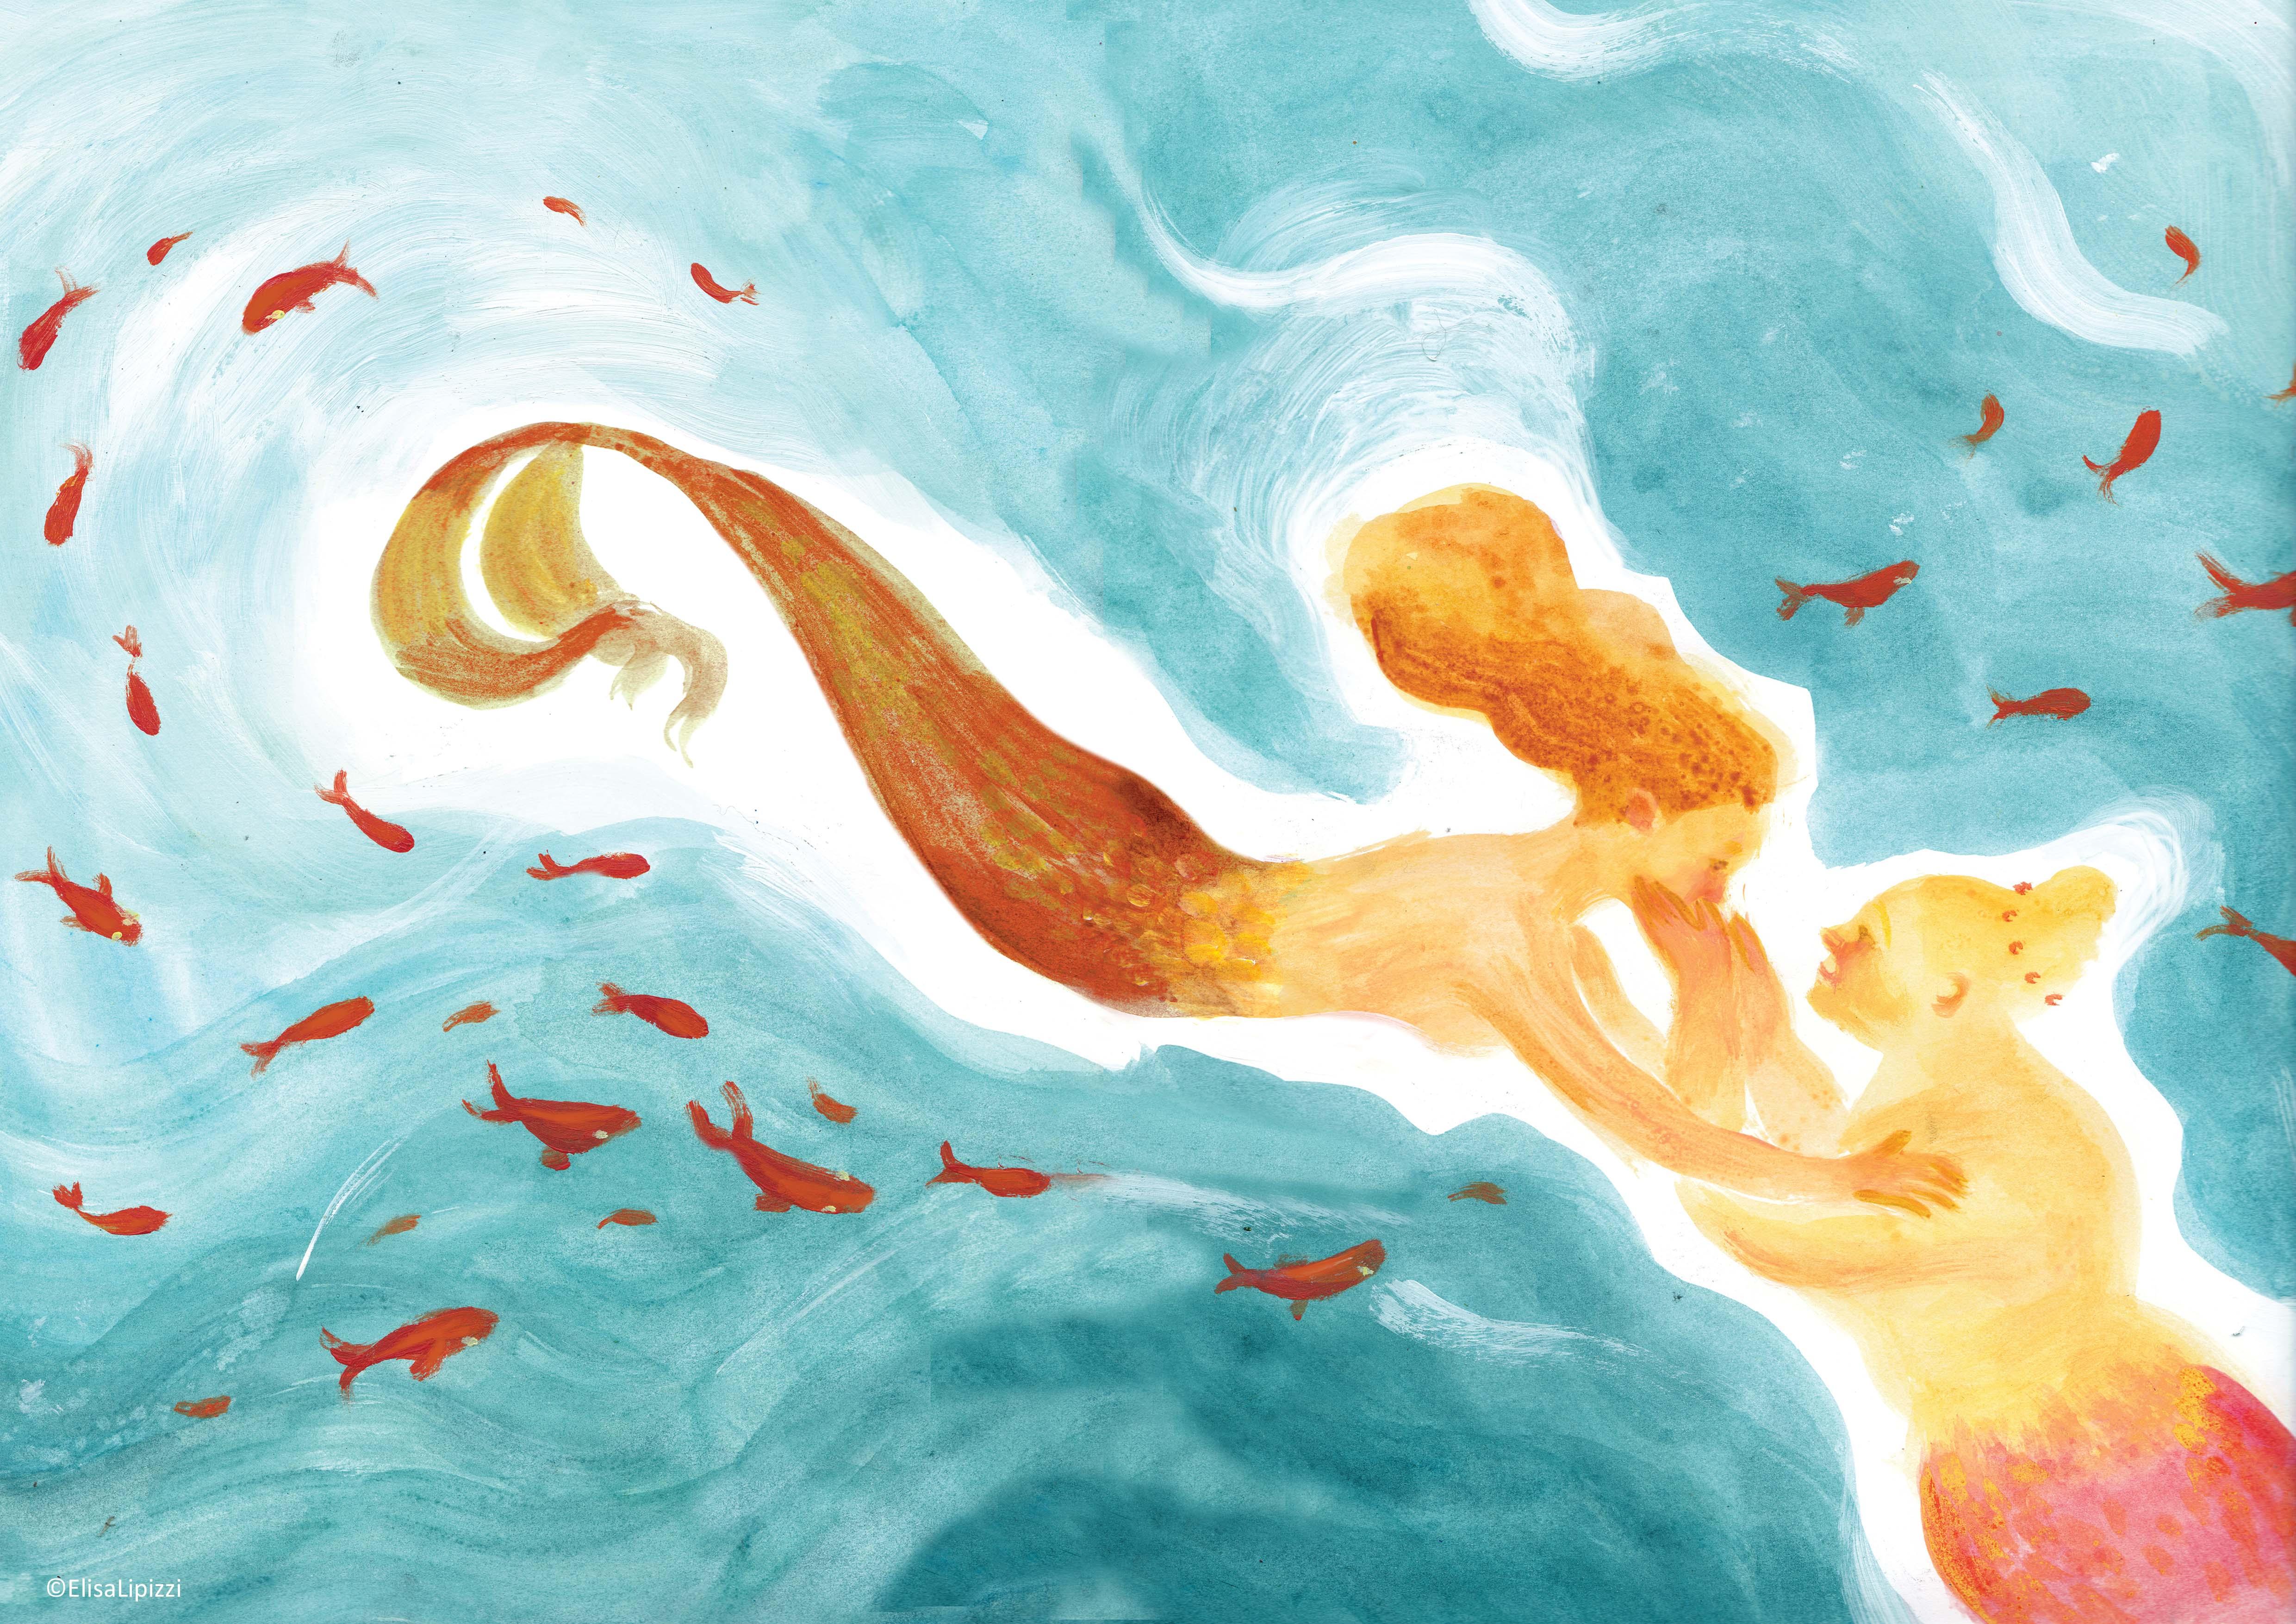 Notte di Fiaba Illustration Contest 2018